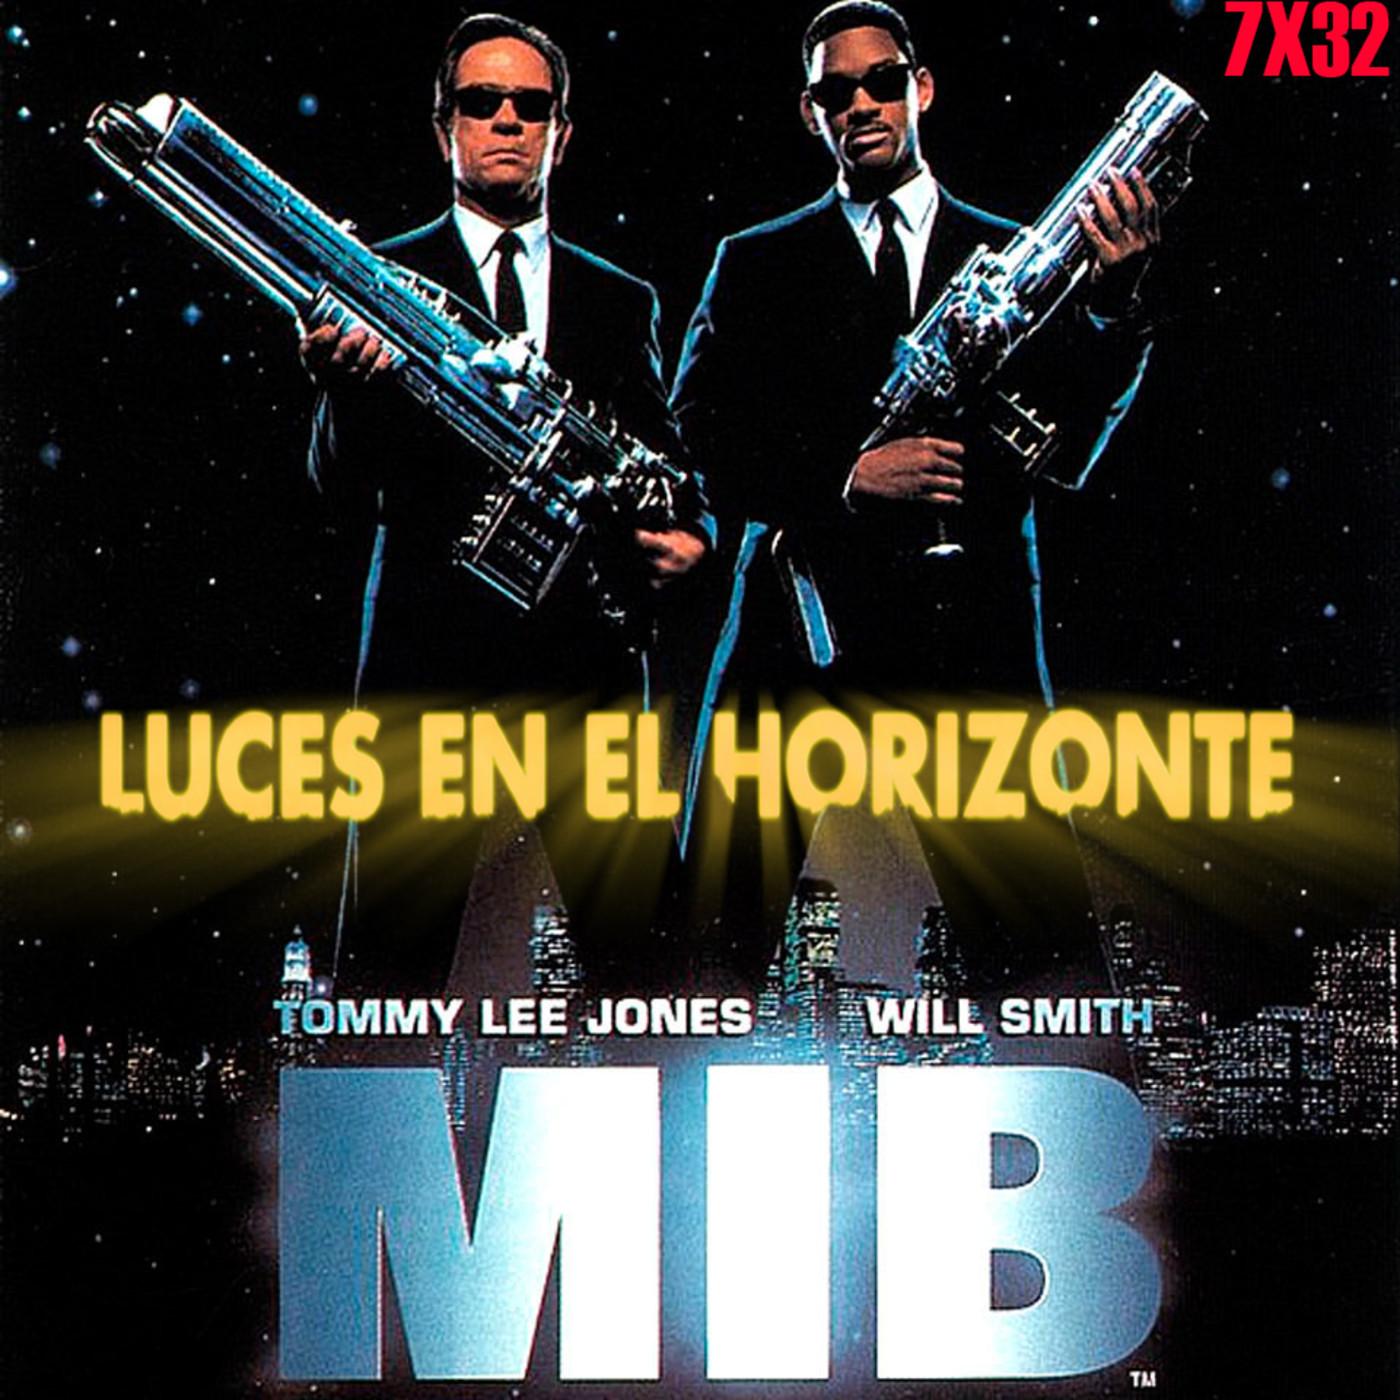 Luces en el Horizonte 7X32: MEN IN BLACK